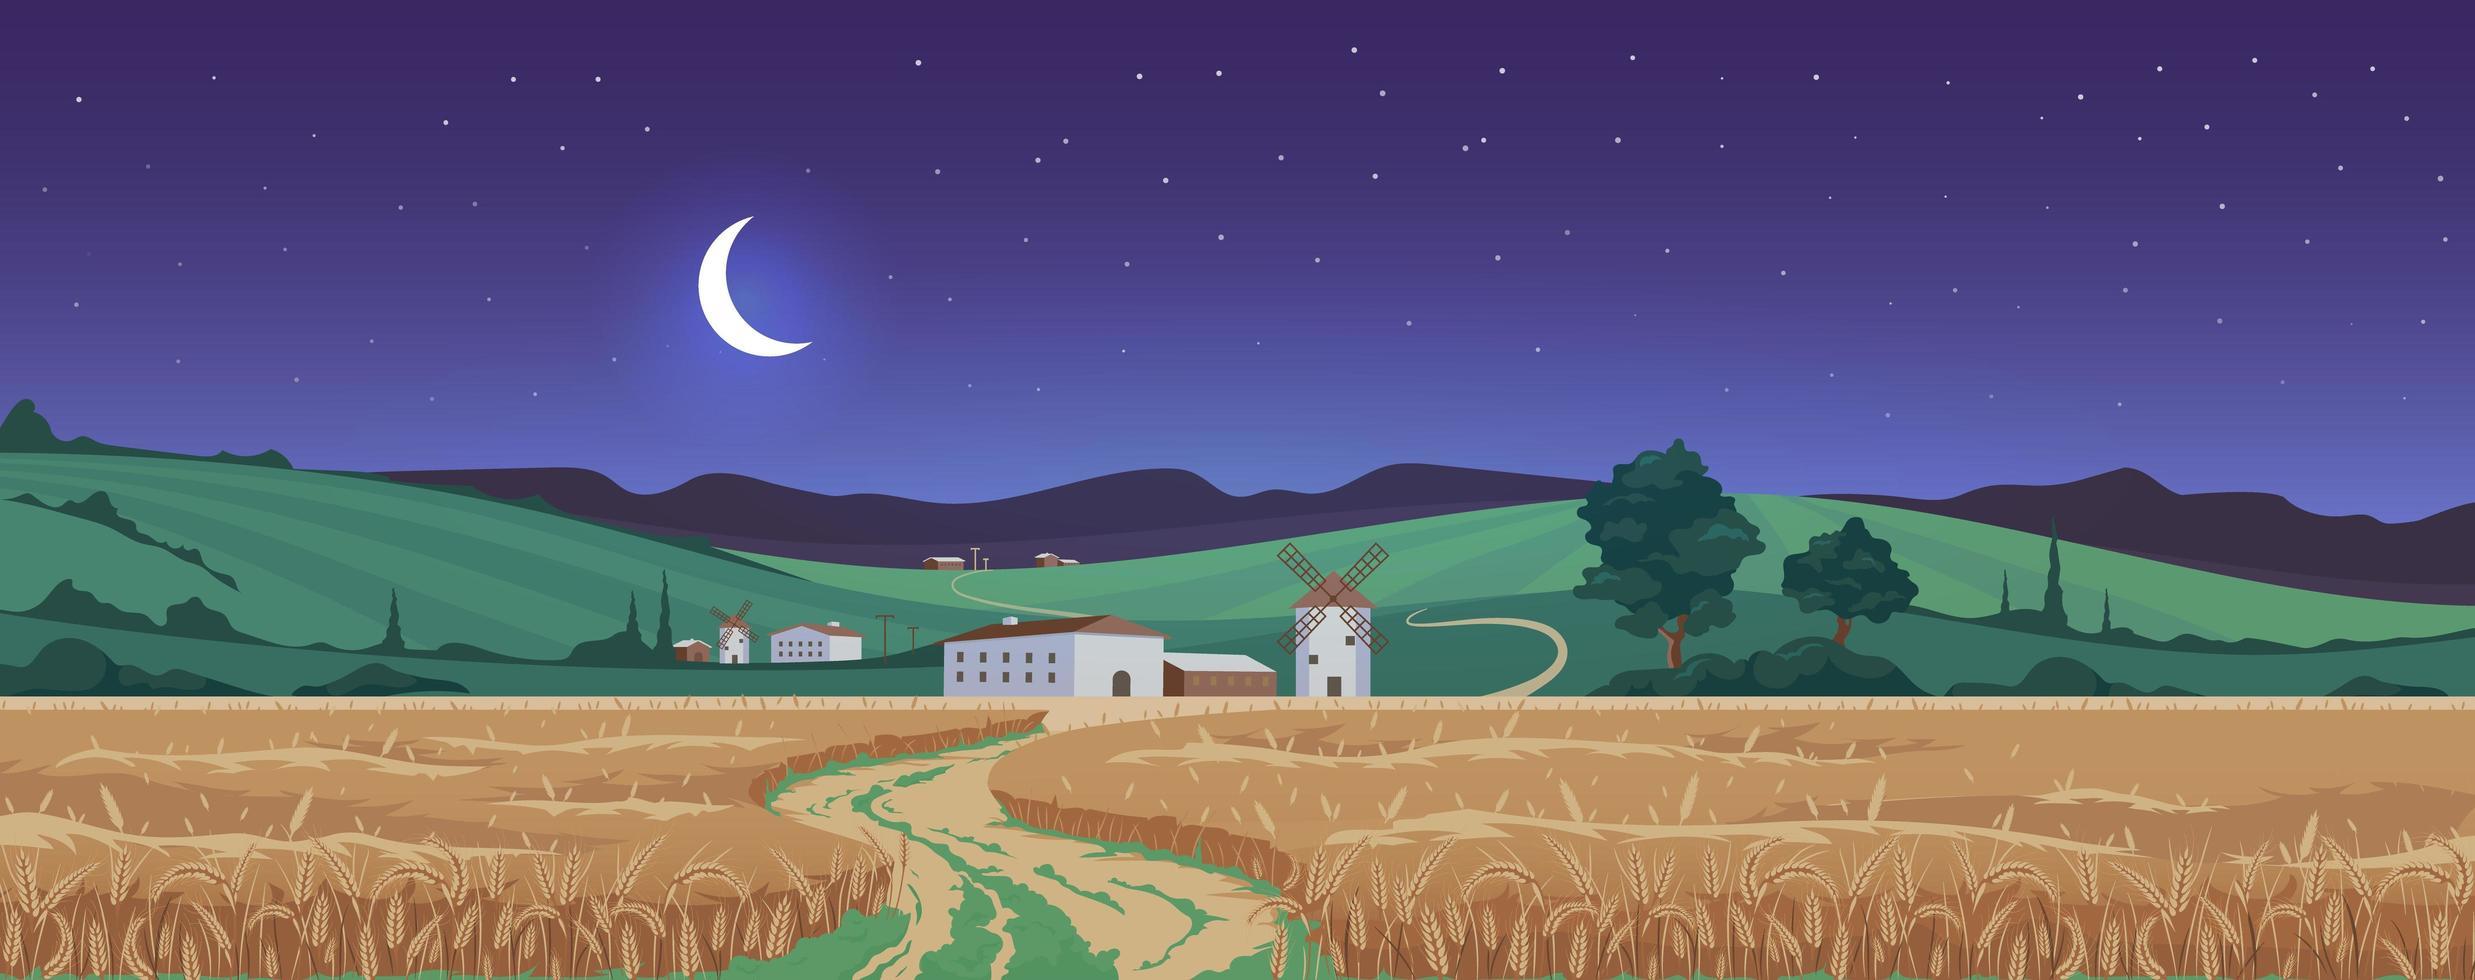 nouvelle lune au-dessus des champs de blé vecteur